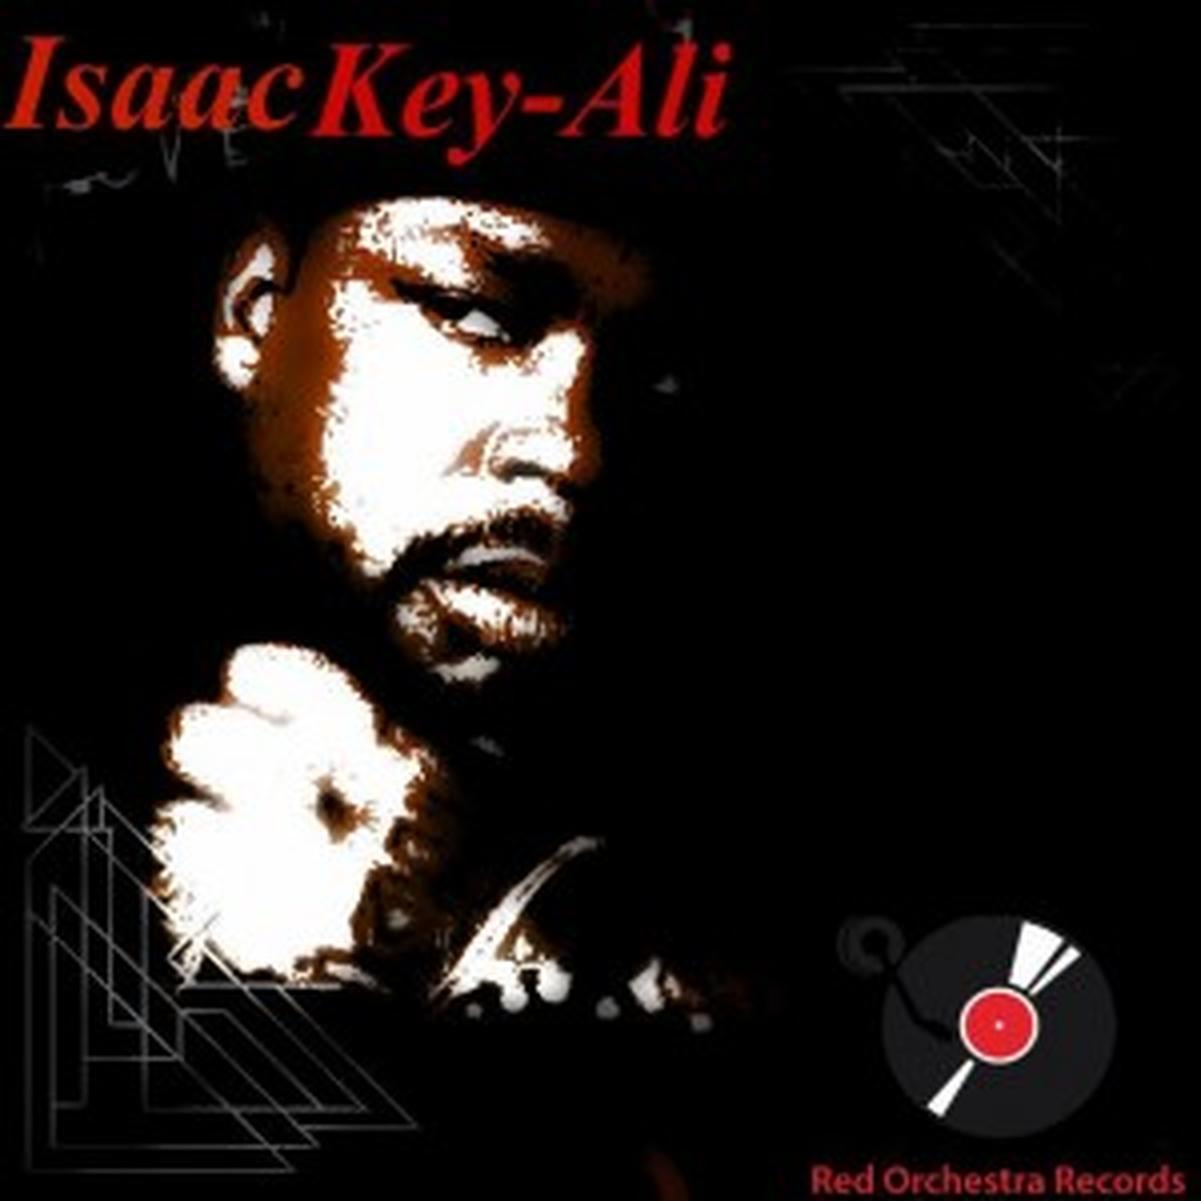 Isaac Key-Ali wiki, Isaac Key-Ali review, Isaac Key-Ali history, Isaac Key-Ali news